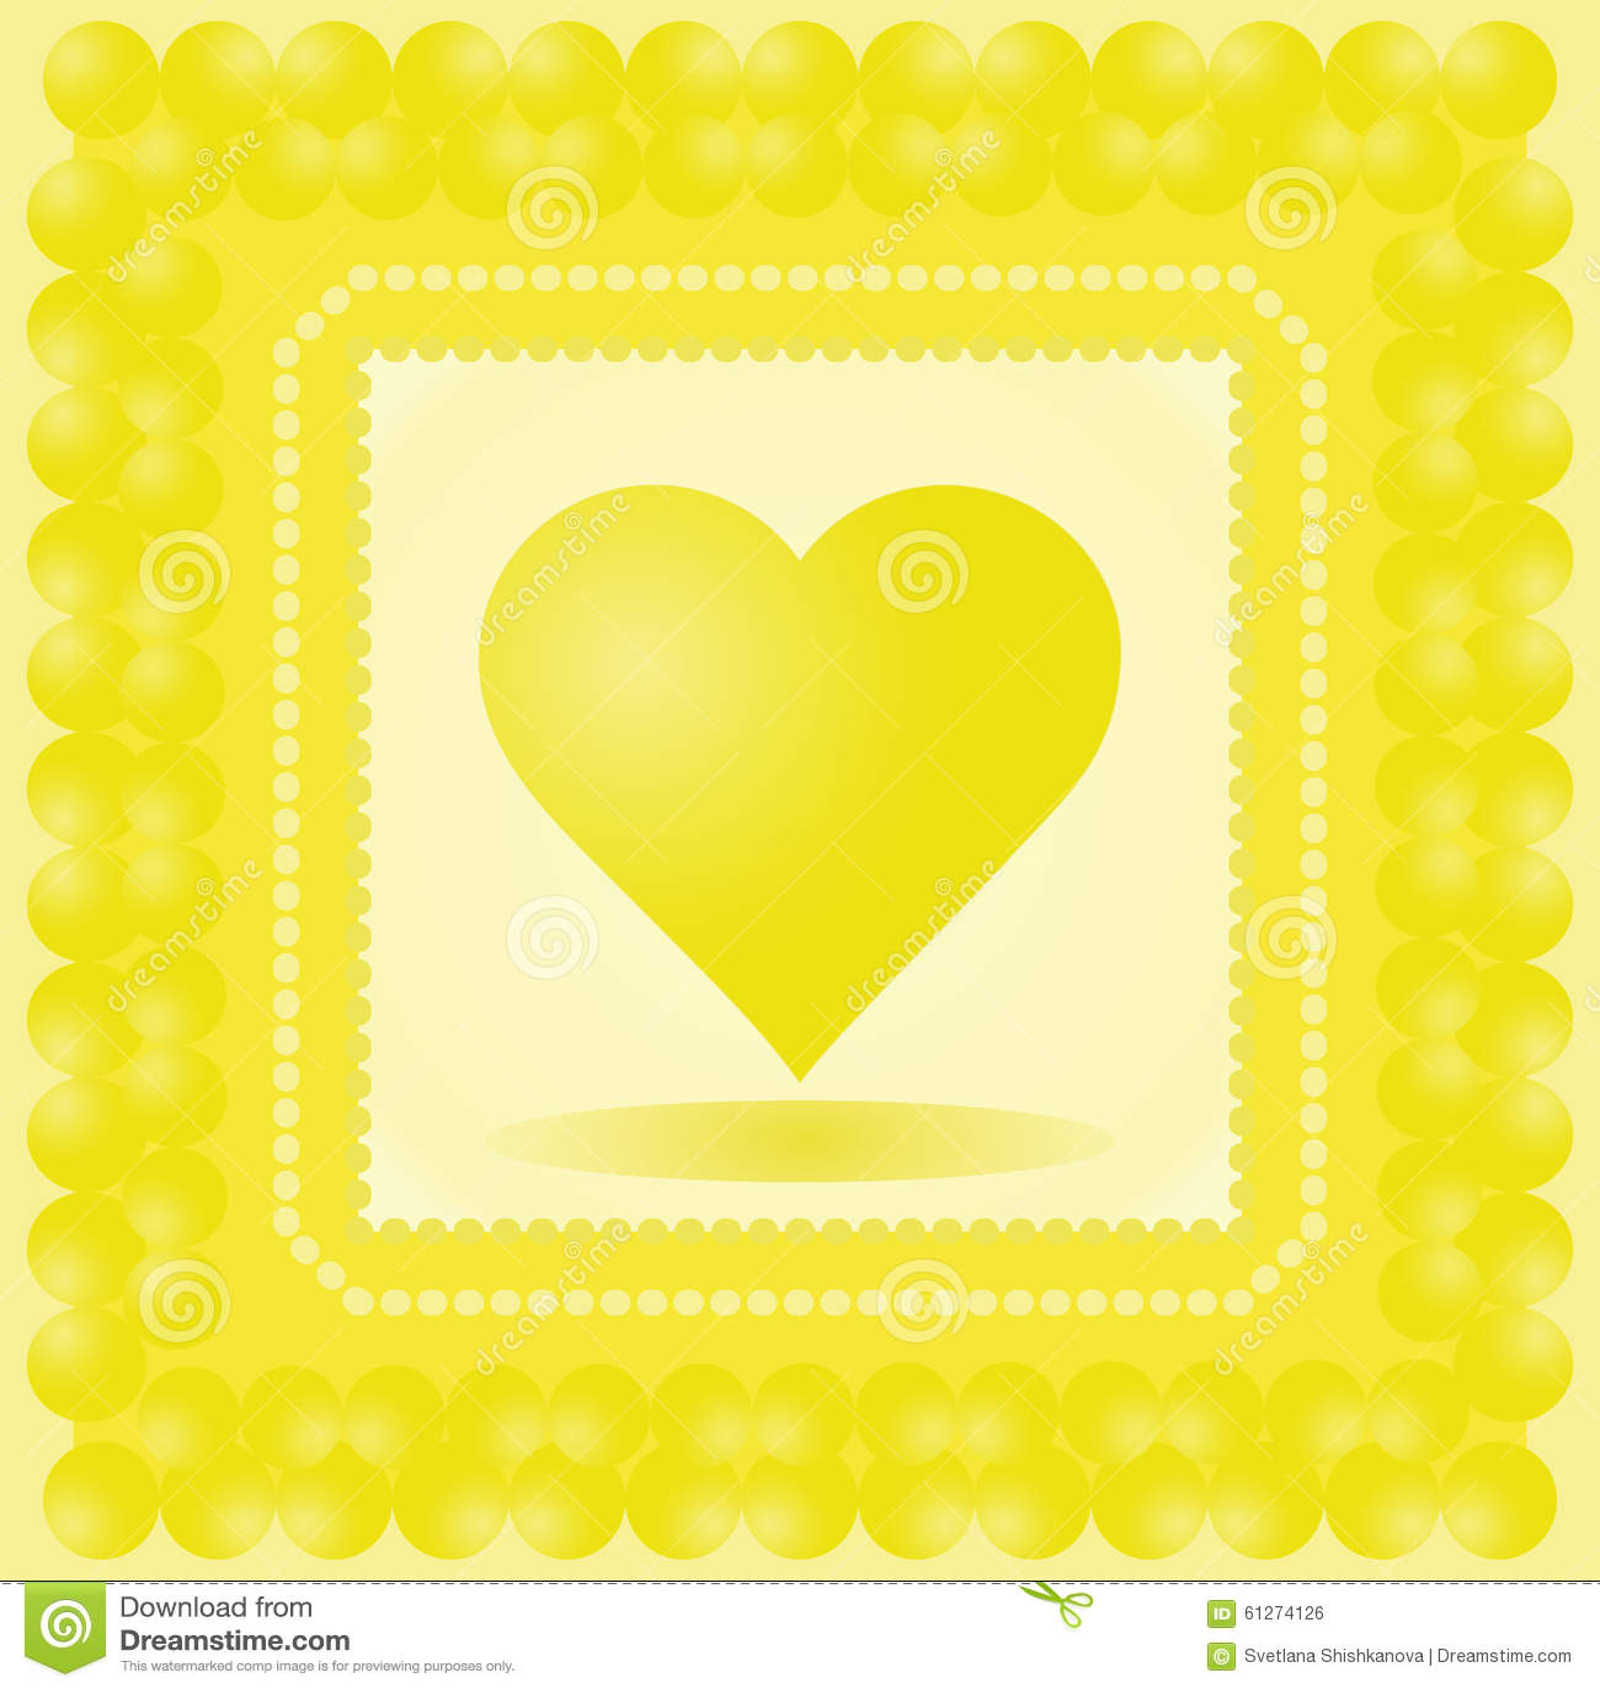 Vektorillustration Des Herzens Gelbes Herz Im Rahmen ...